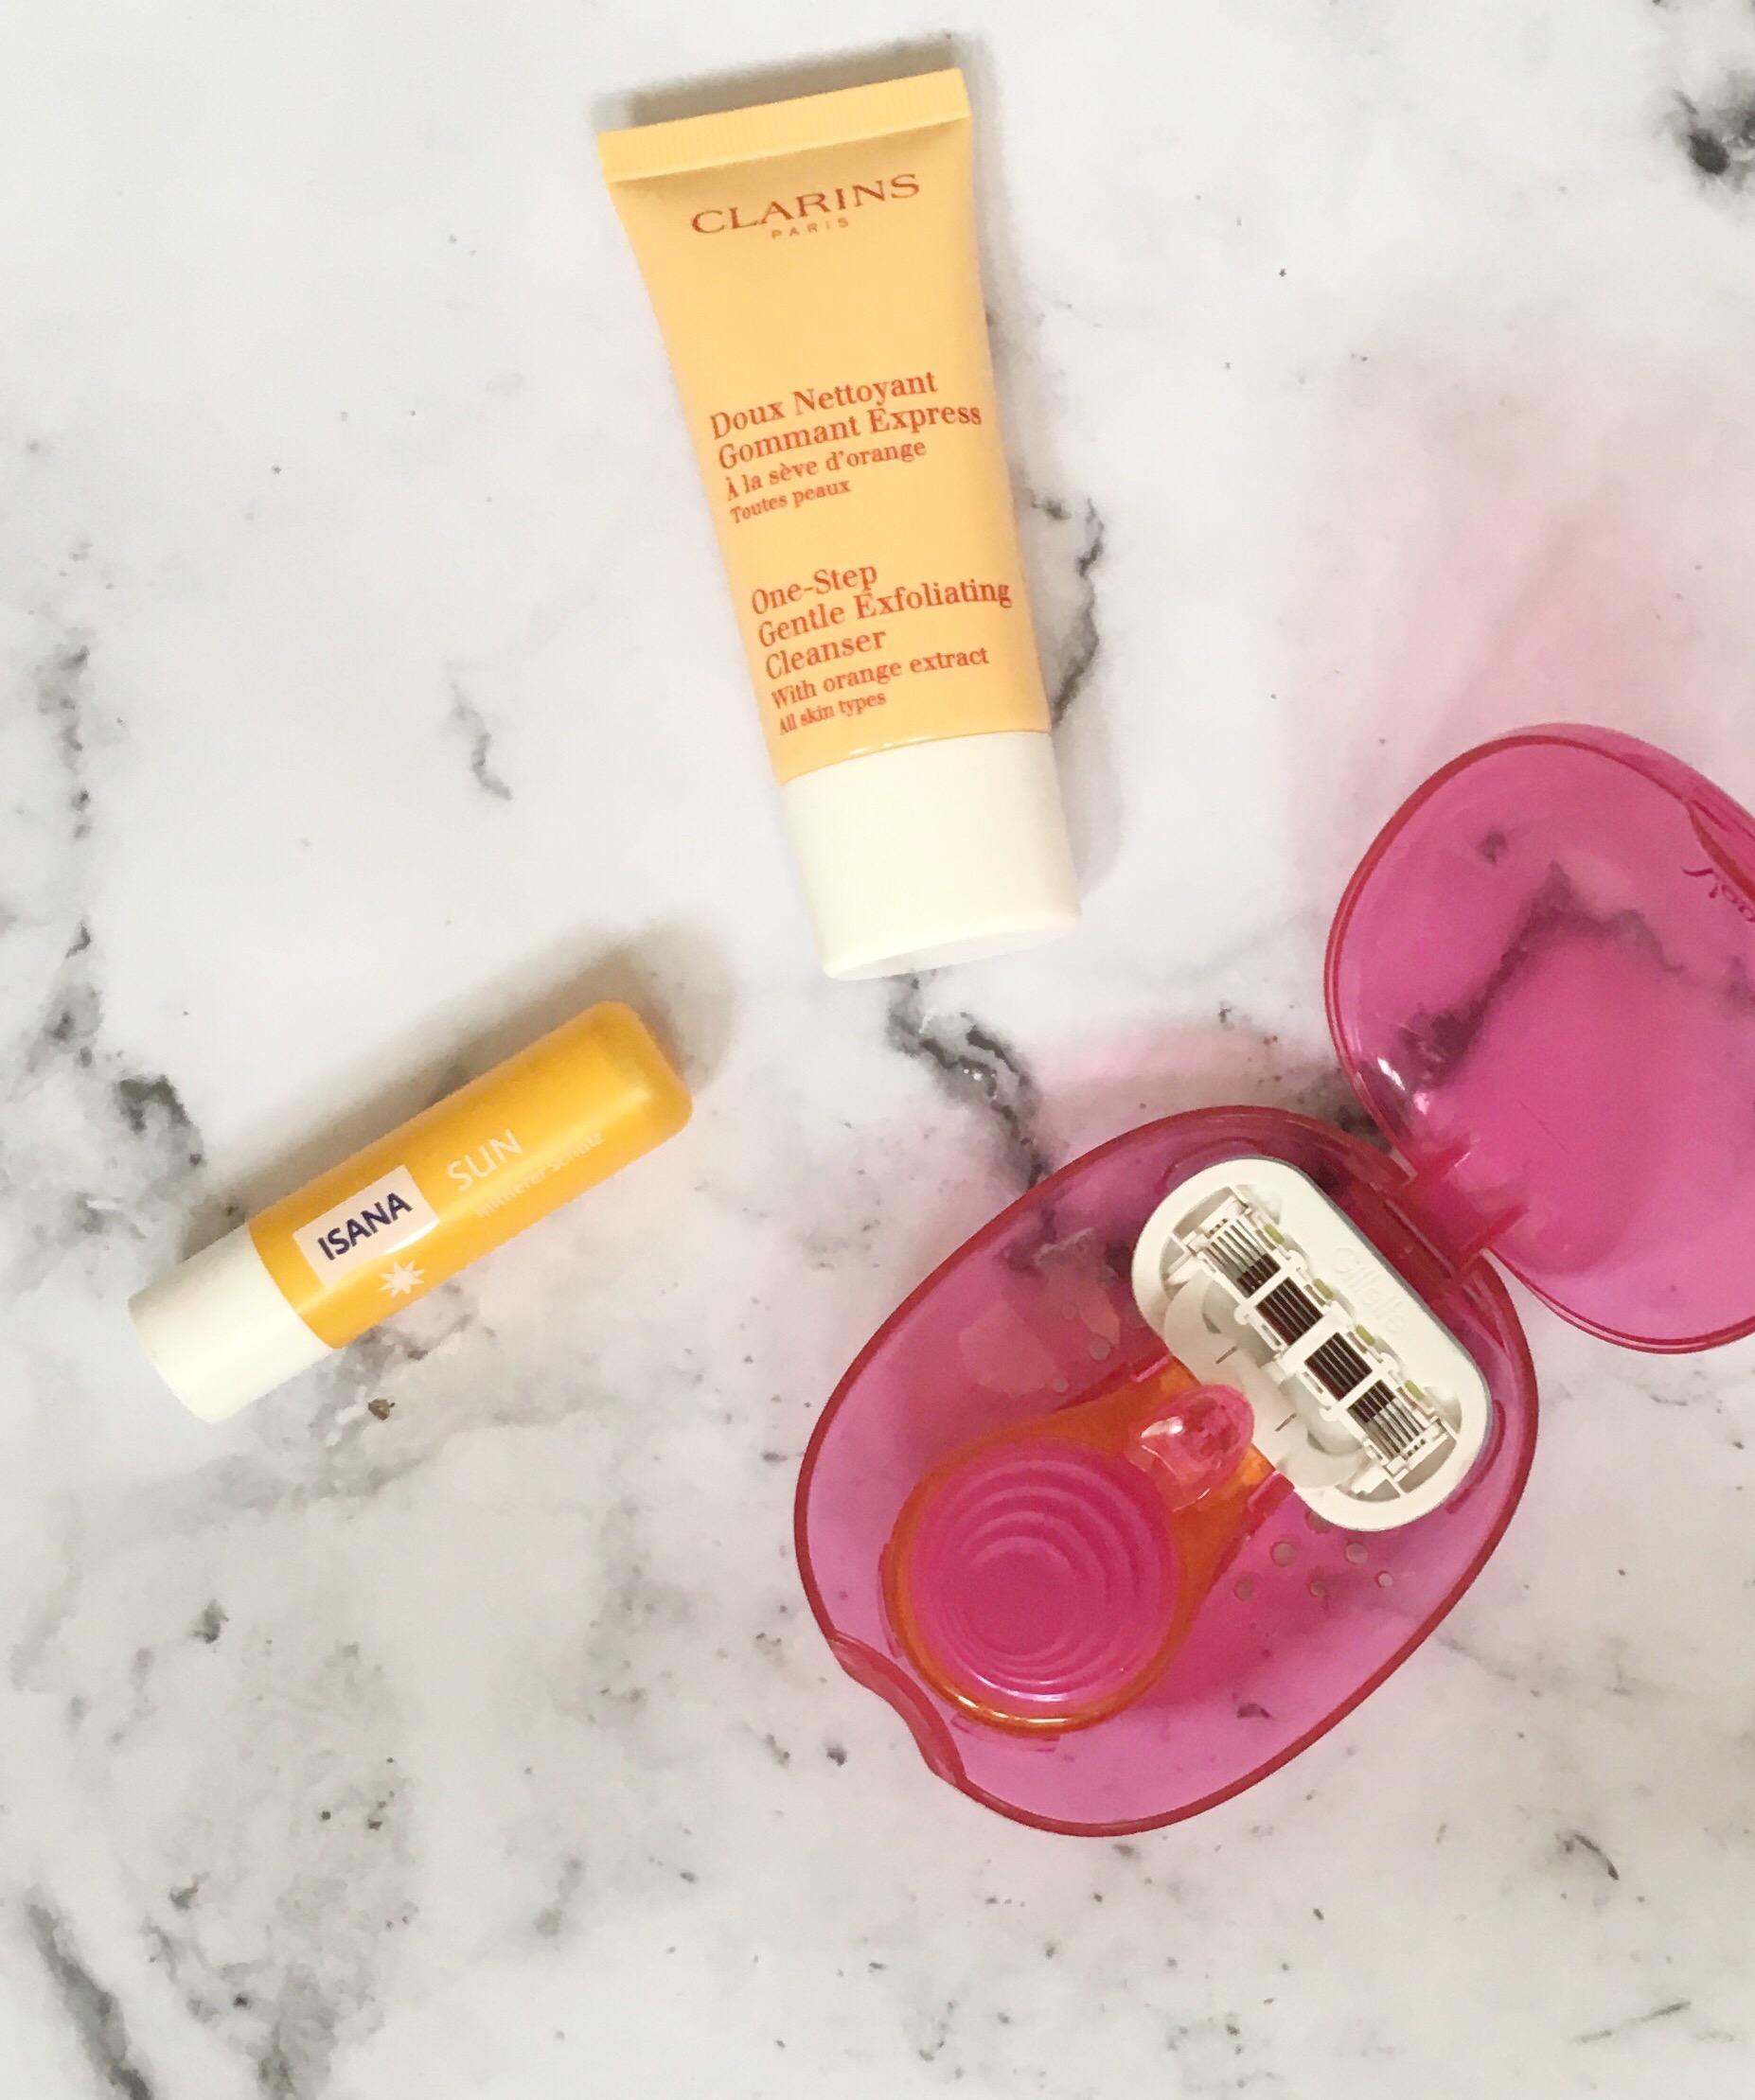 Clarins Gentle Exfoliating Cleanser, lip suncream and Venus Snap razor